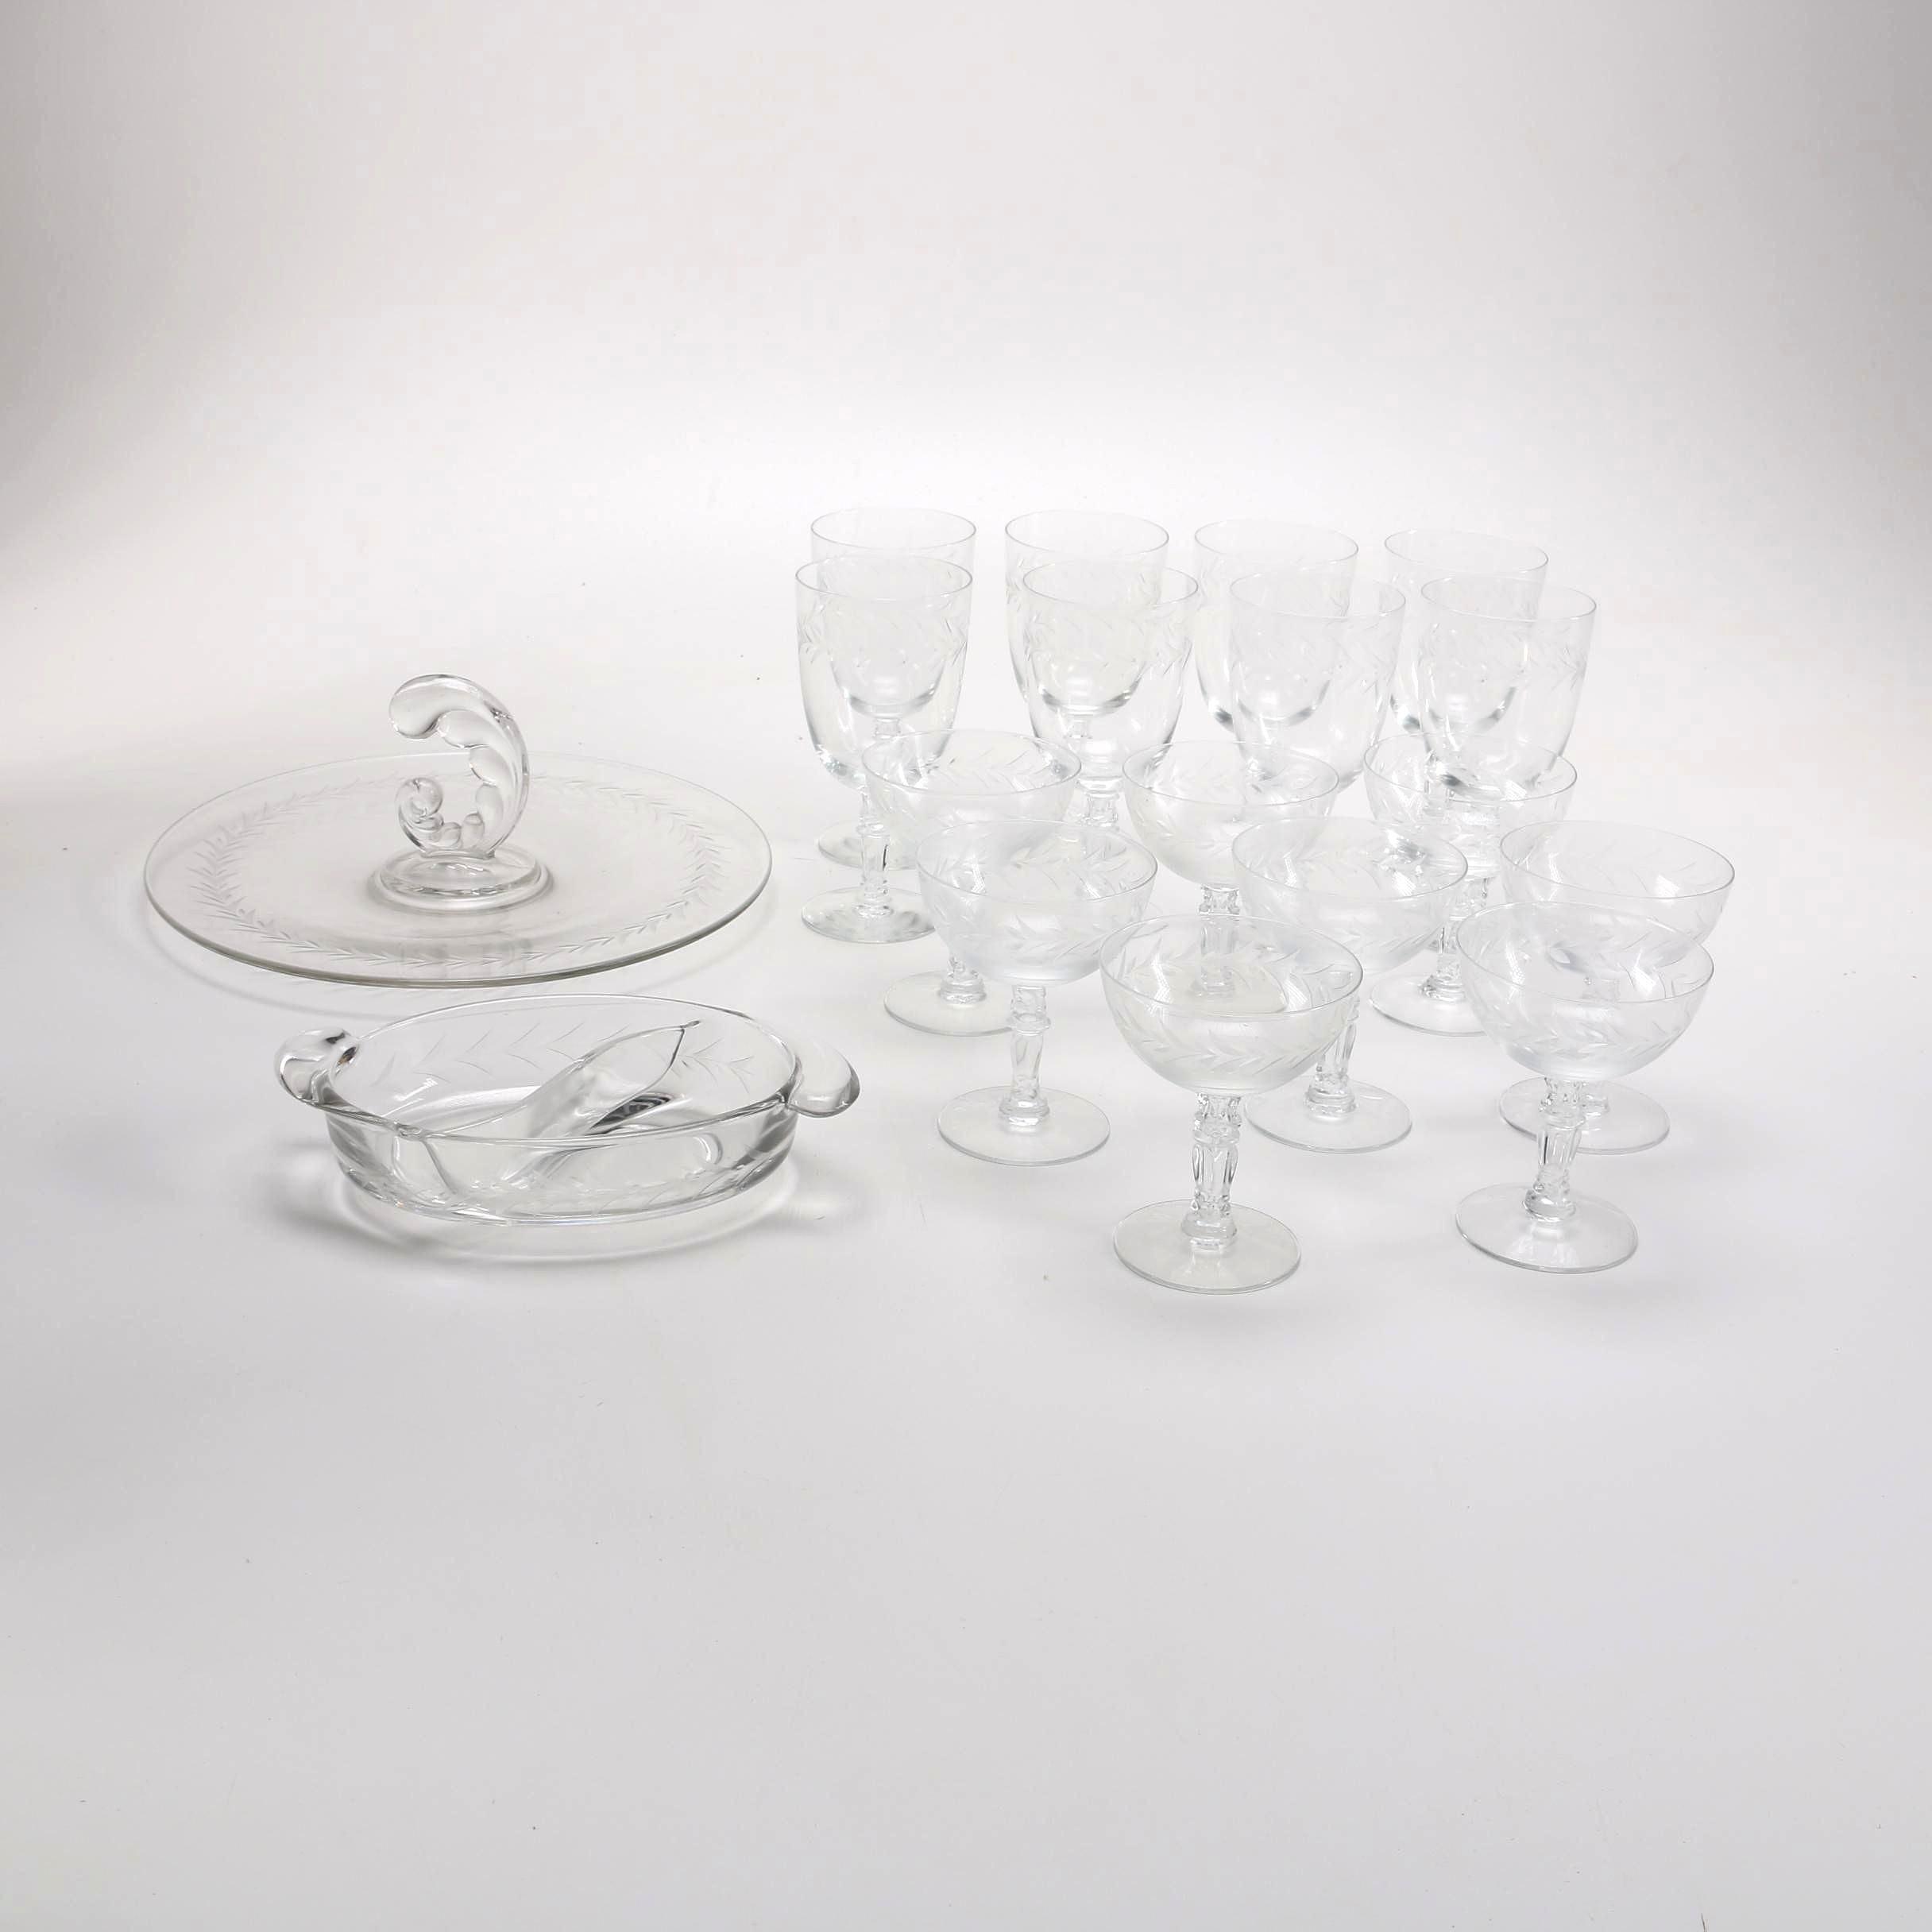 Etched Glassware Serving Set